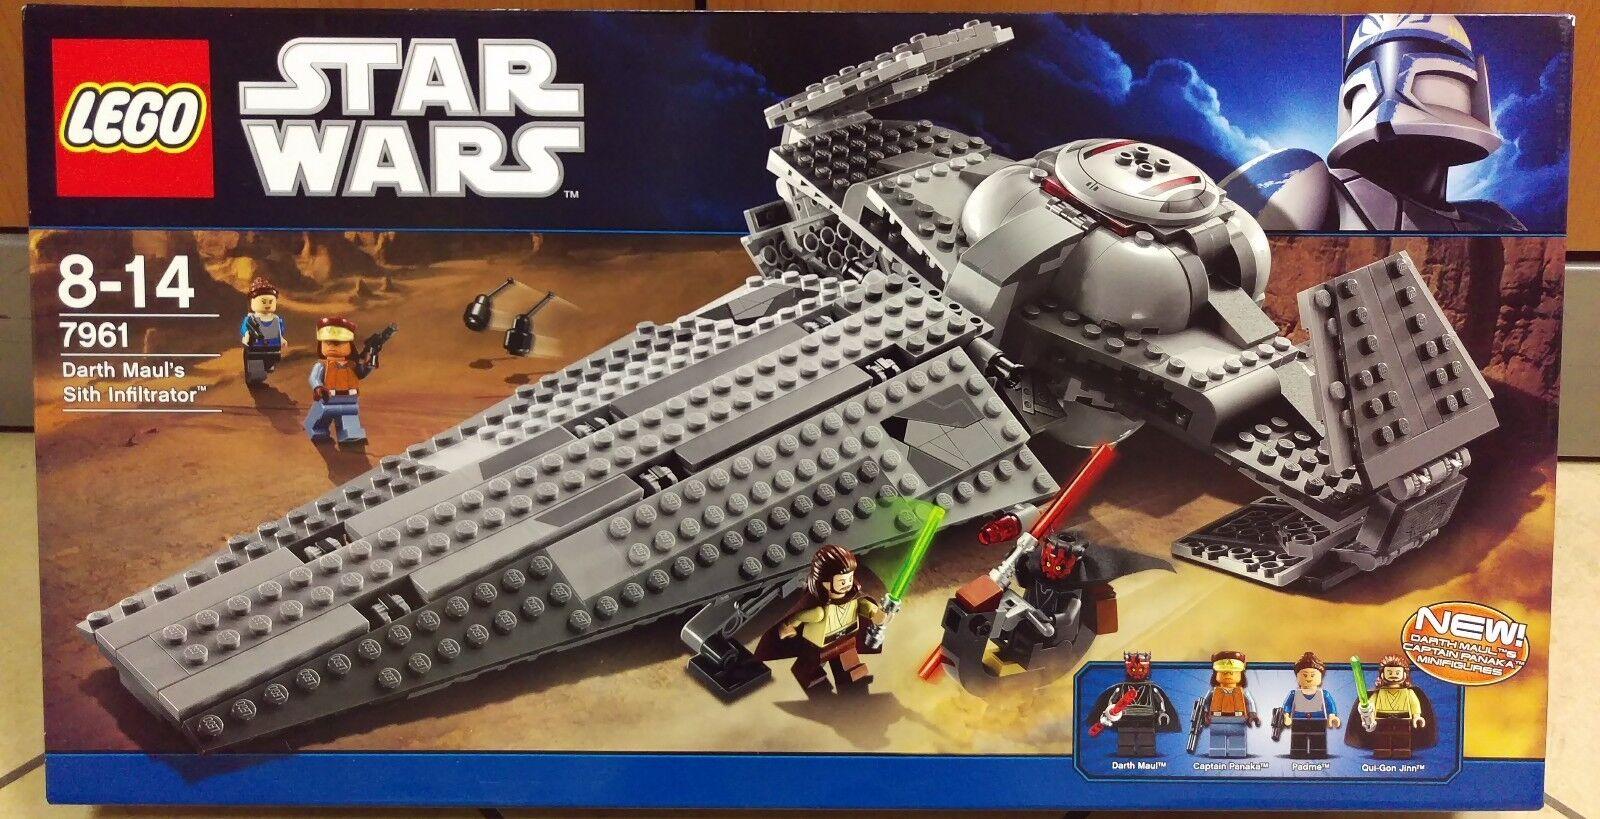 LEGO estrella guerras 7961  Darth Maul's Sith Infiltrator NUOVO SIGILLATO RARO - ed 2011  grande vendita